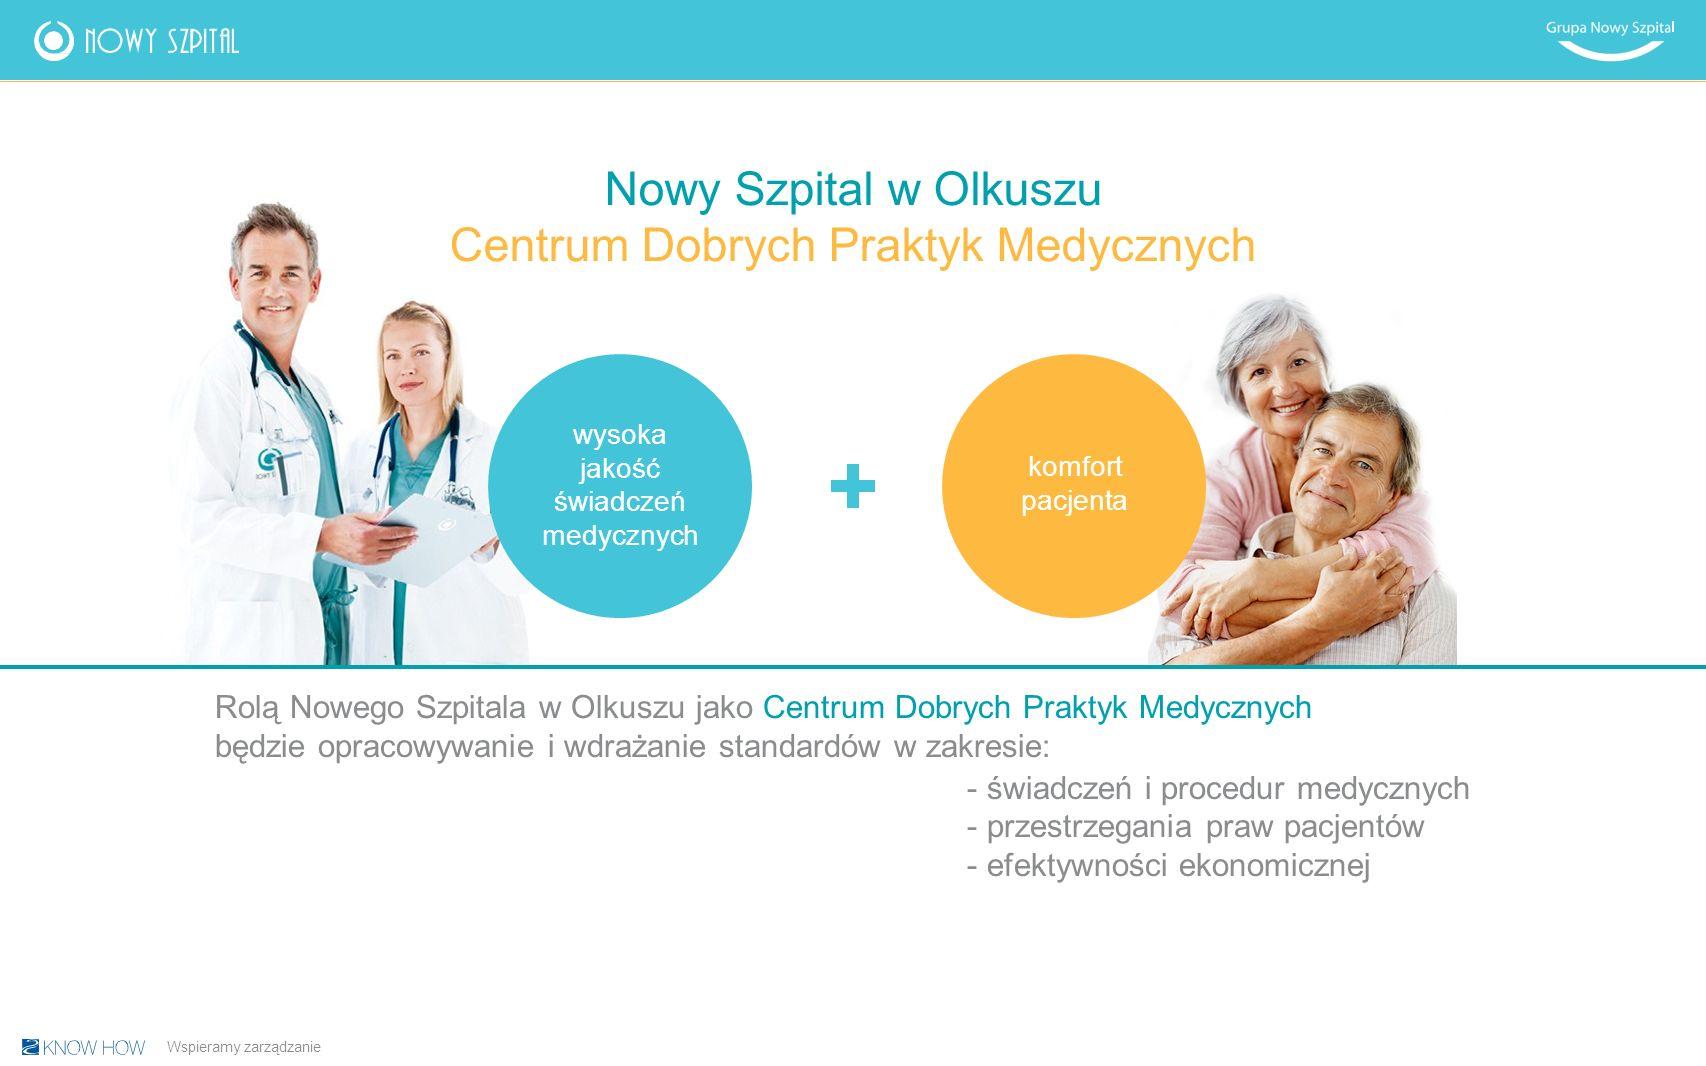 Rolą Nowego Szpitala w Olkuszu jako Centrum Dobrych Praktyk Medycznych będzie opracowywanie i wdrażanie standardów w zakresie: -świadczeń i procedur medycznych -przestrzegania praw pacjentów -efektywności ekonomicznej wysoka jakość świadczeń medycznych komfort pacjenta Nowy Szpital w Olkuszu Centrum Dobrych Praktyk Medycznych Wspieramy zarządzanie